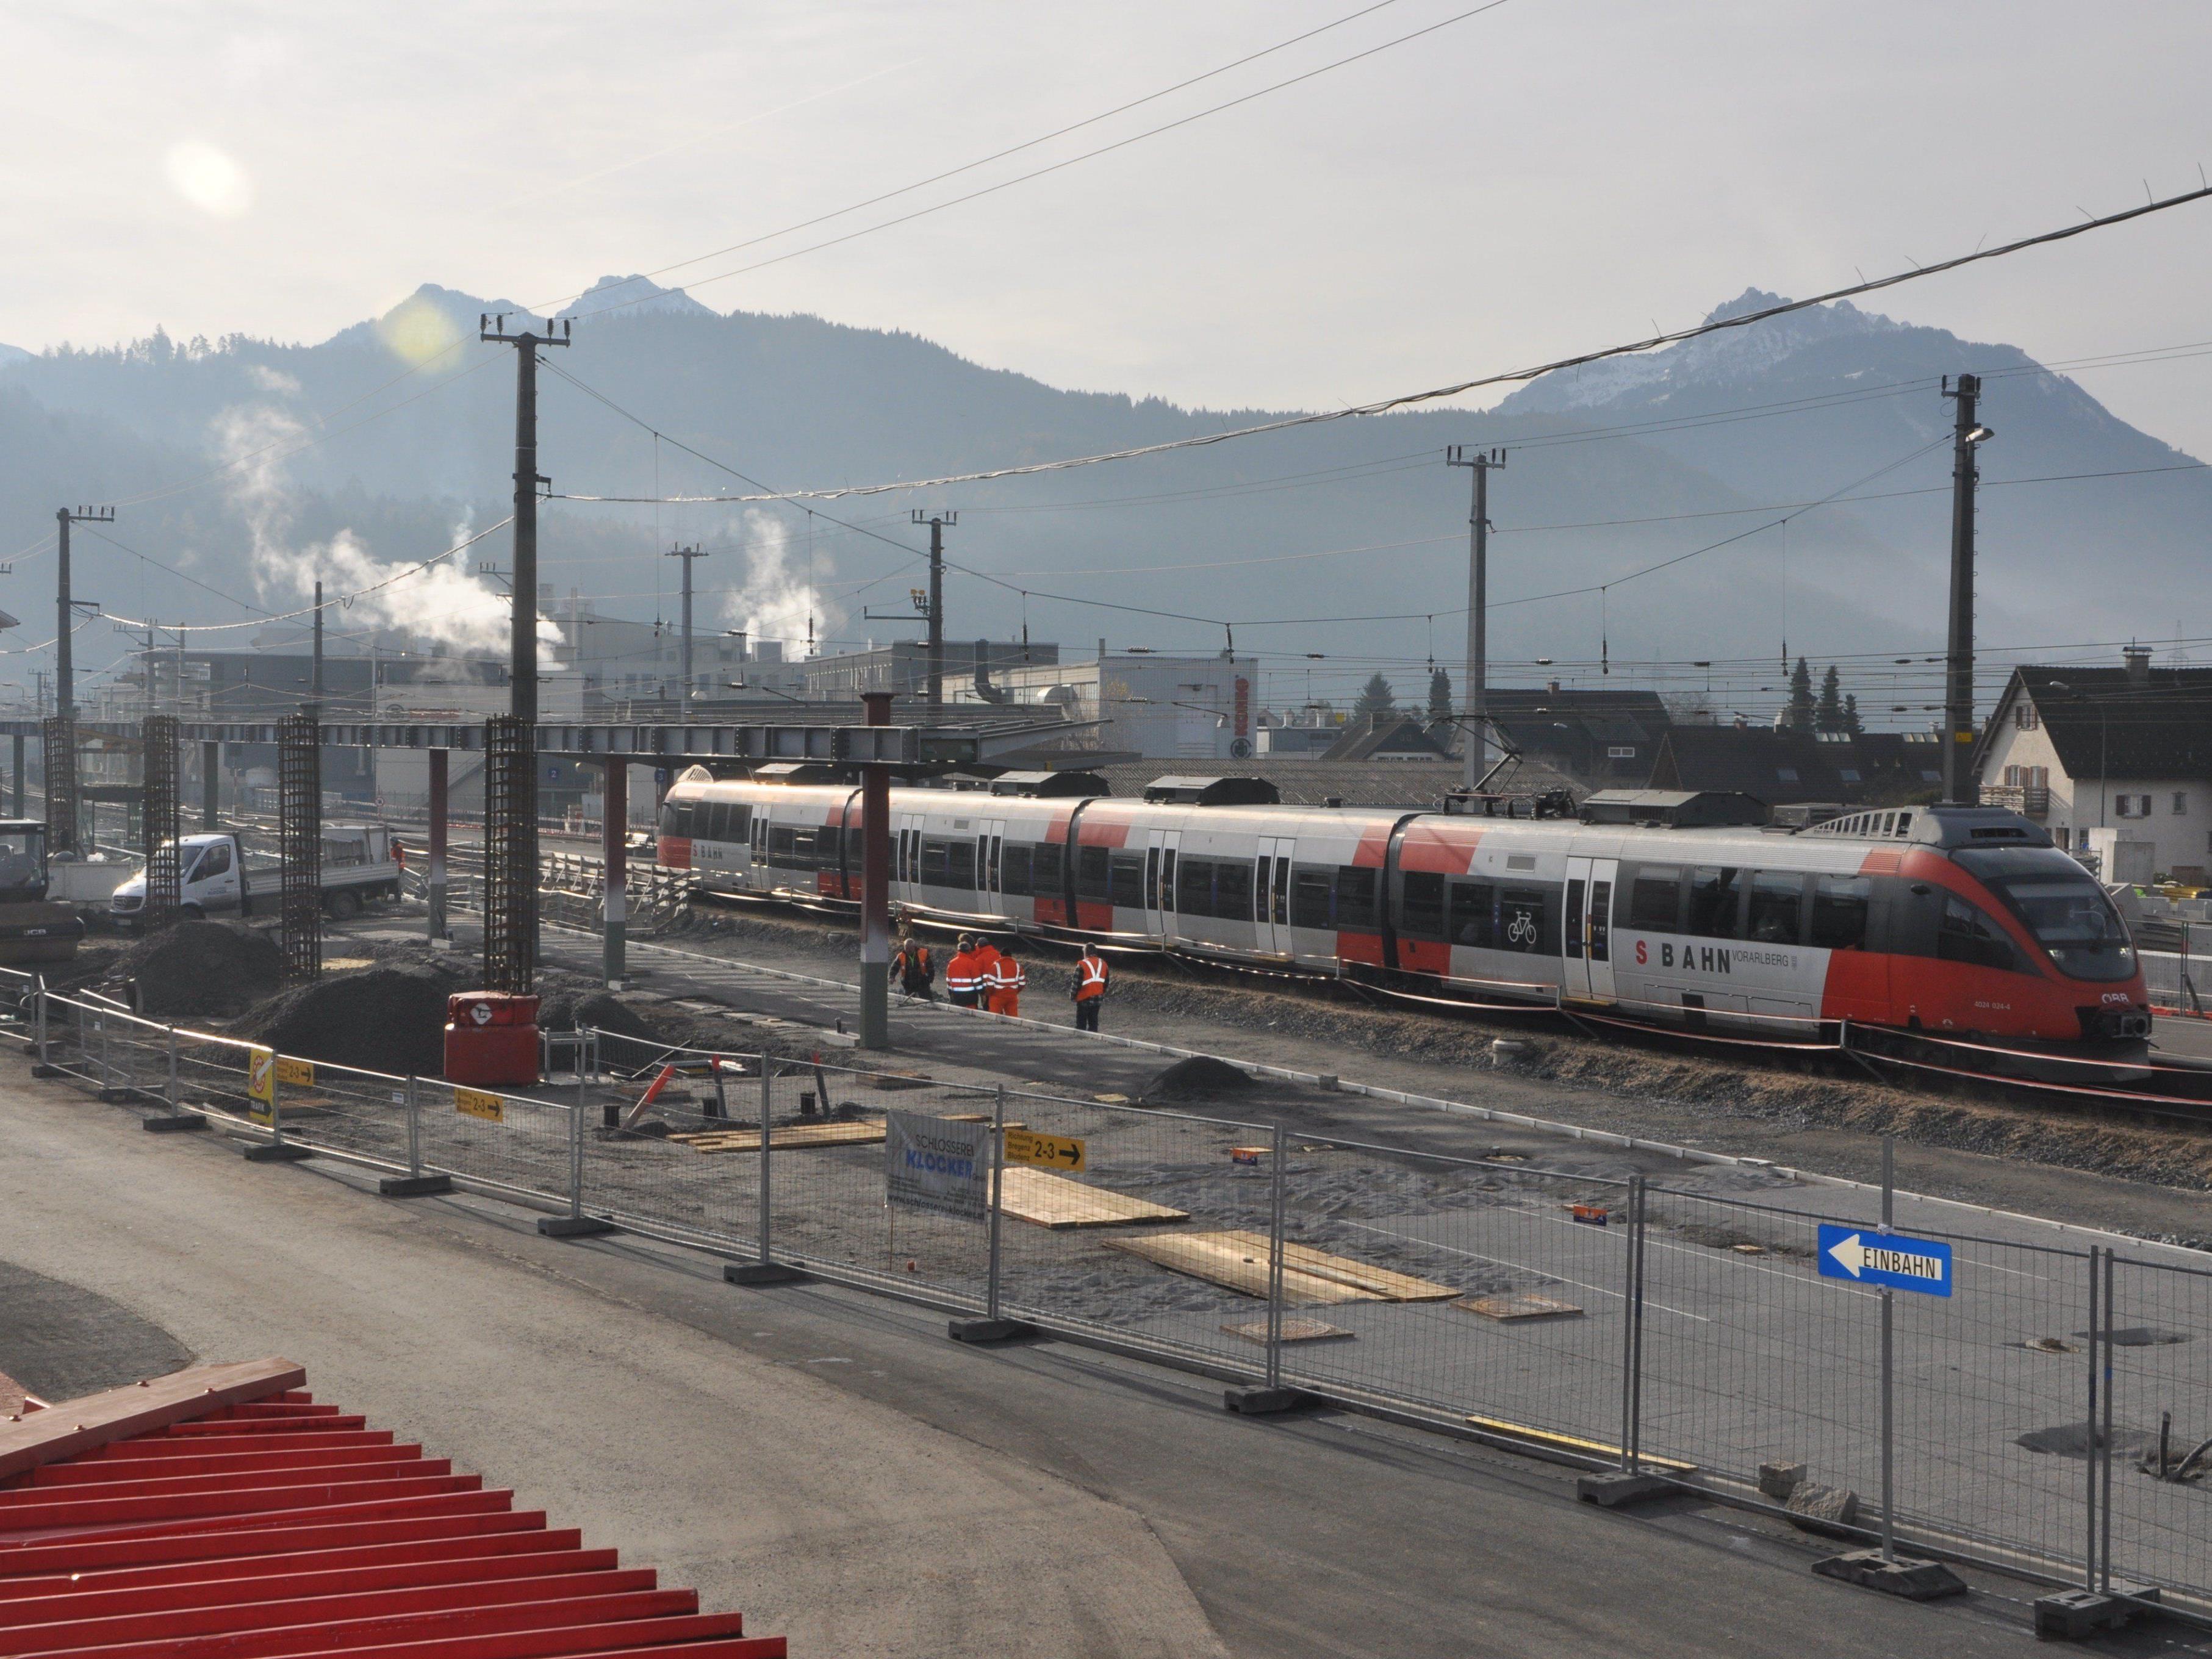 DIe Baupahse 2 beim Projekt Neu bzw. Umbau Bahnhof Rankweil wird Ende des Jahres abgeschlossen.